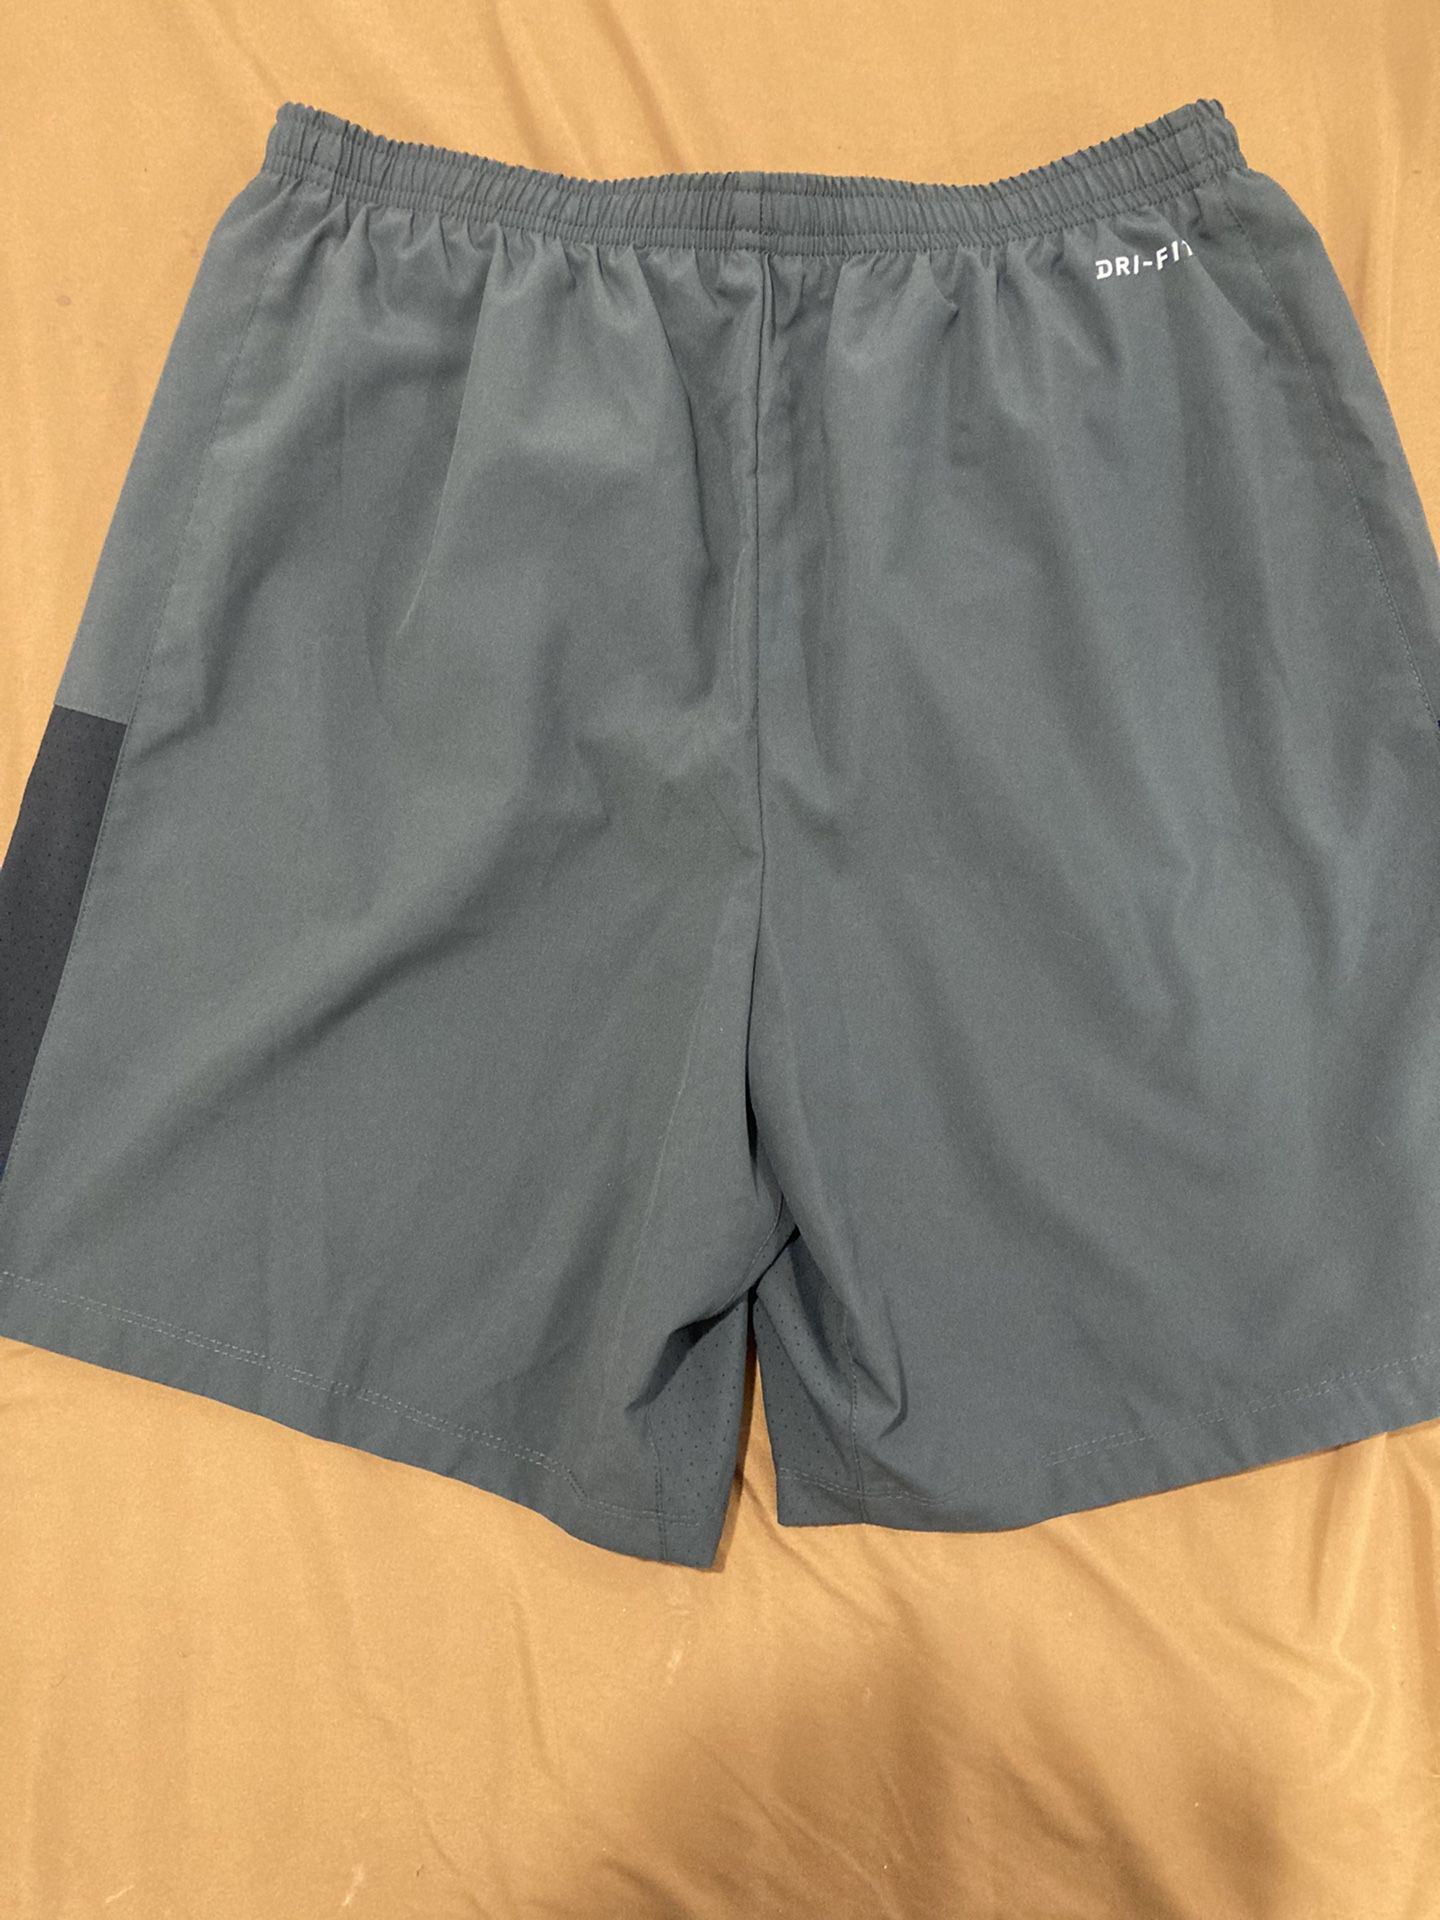 Nike Flex Dri Fit Men's Large Shorts New